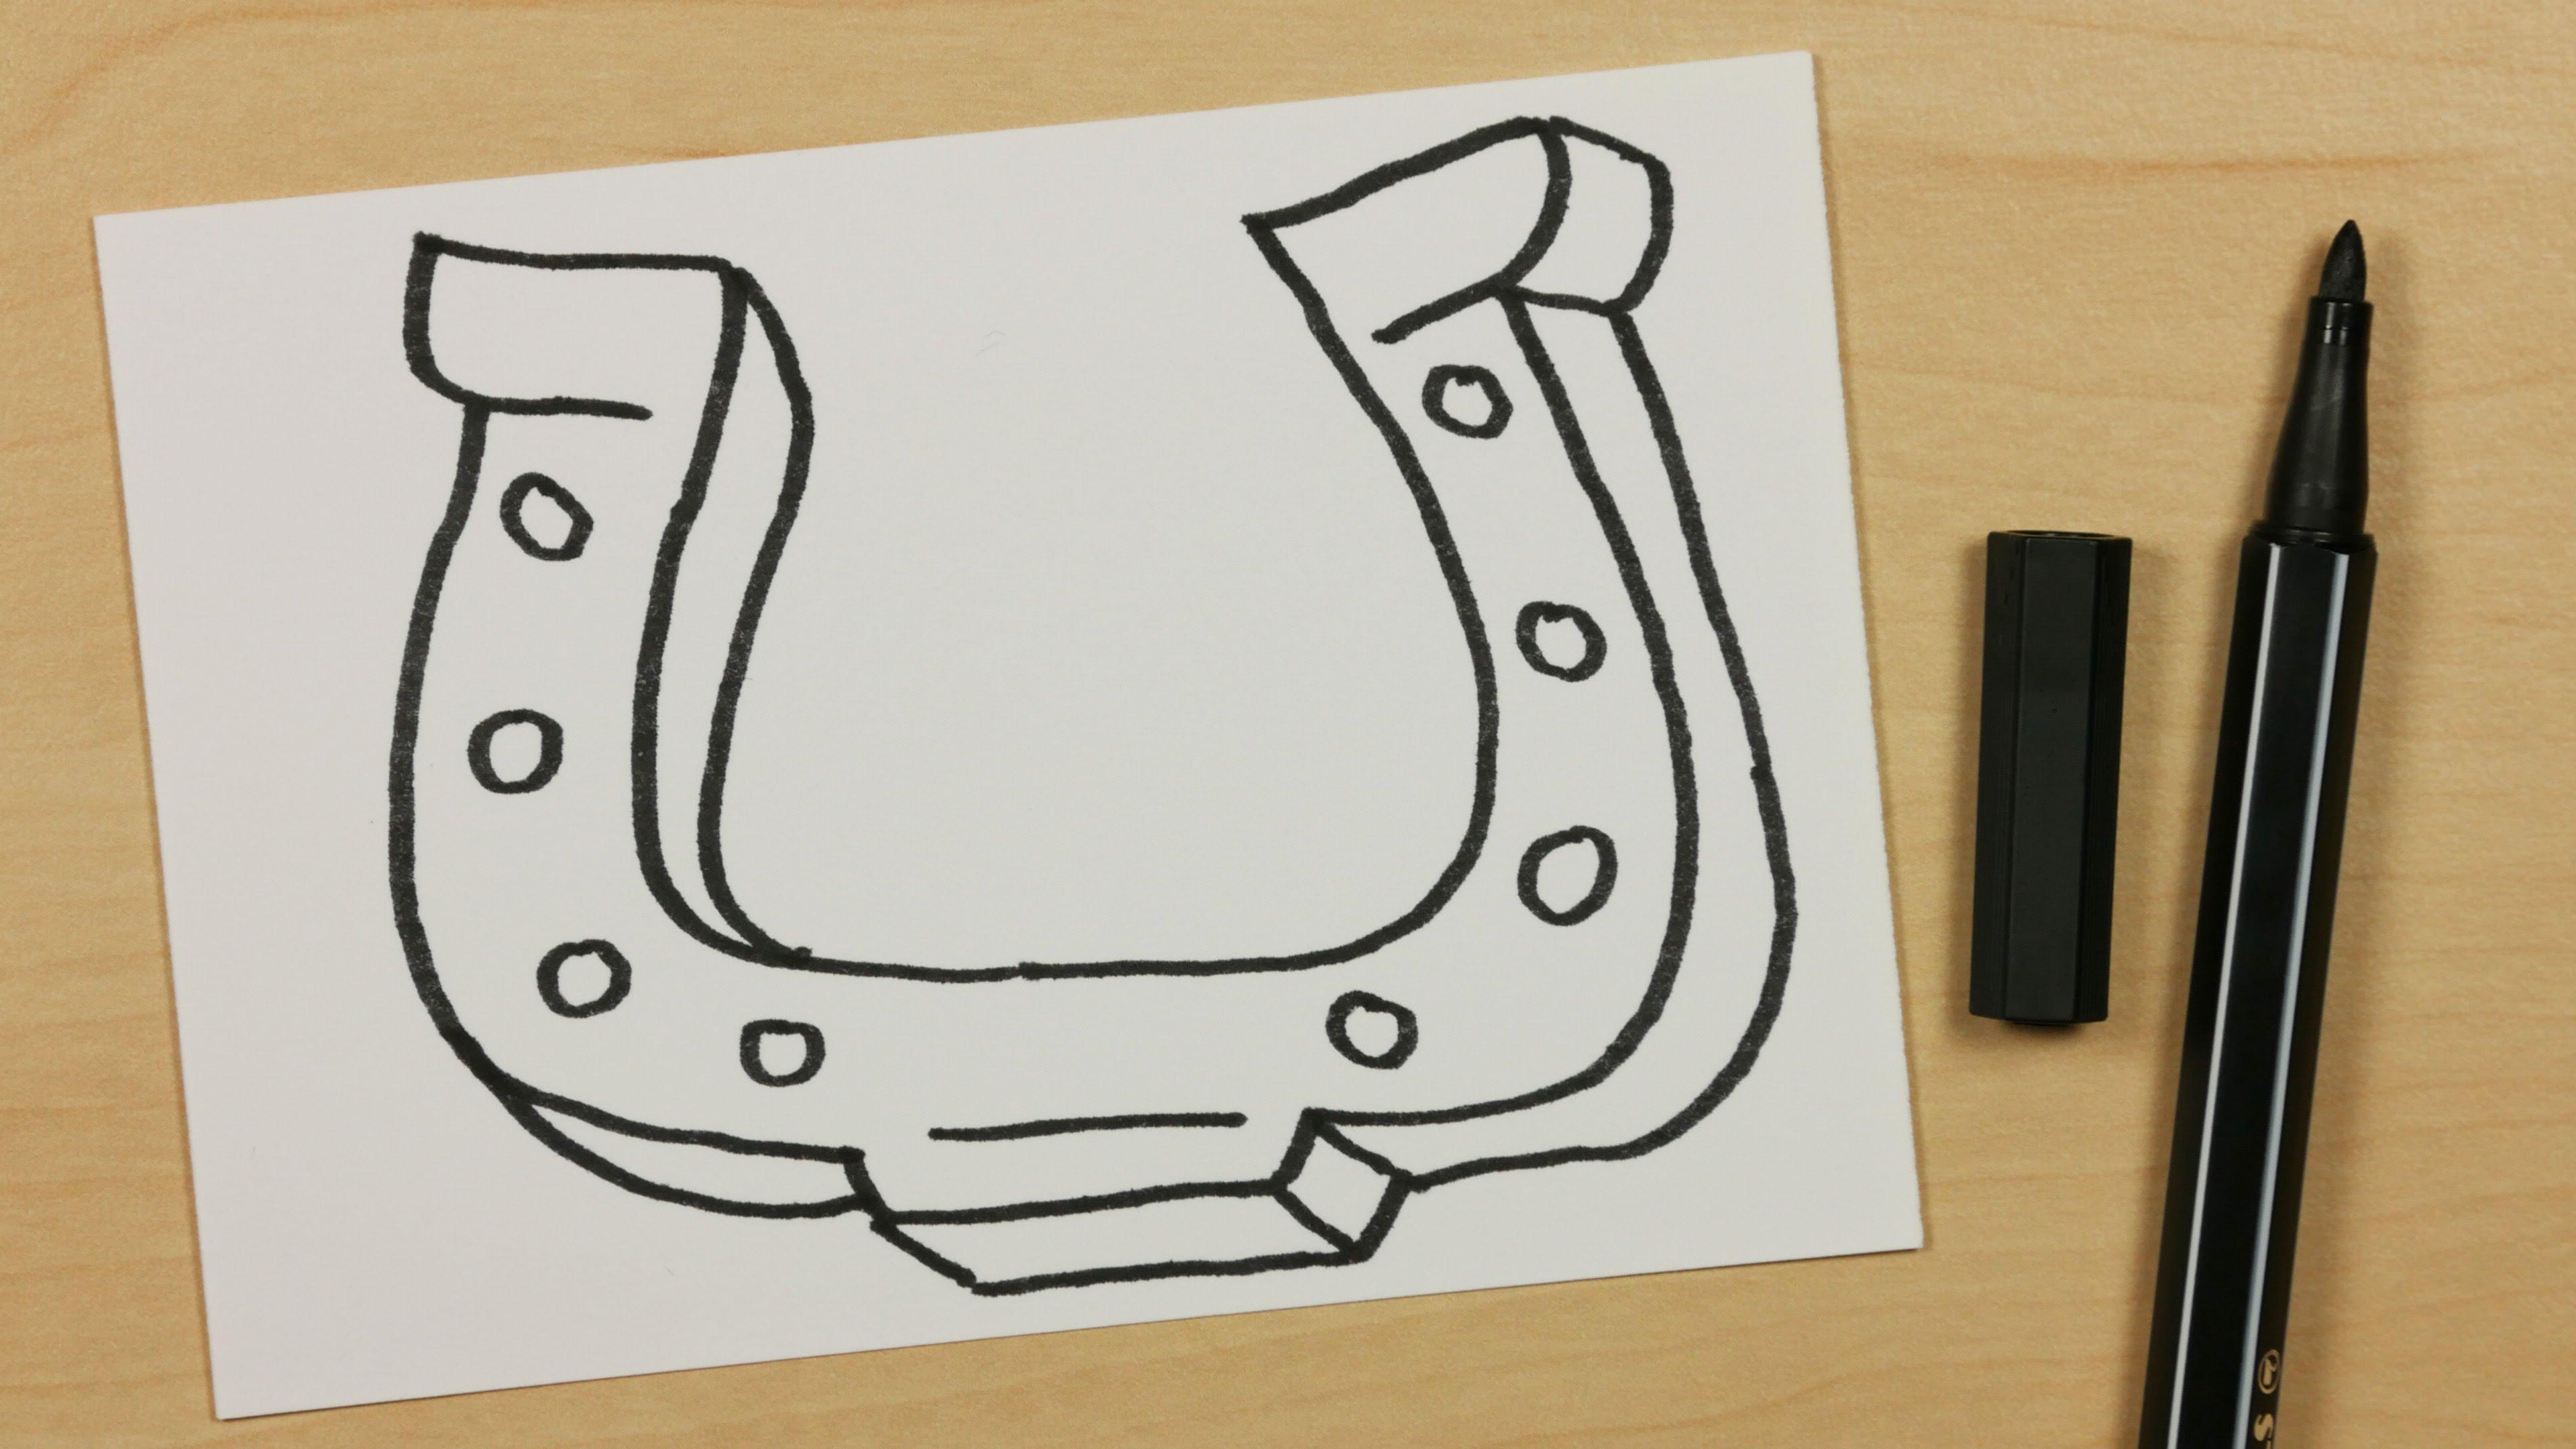 Drawn horseshoe horsesho Easy to Cartoon for Doodle